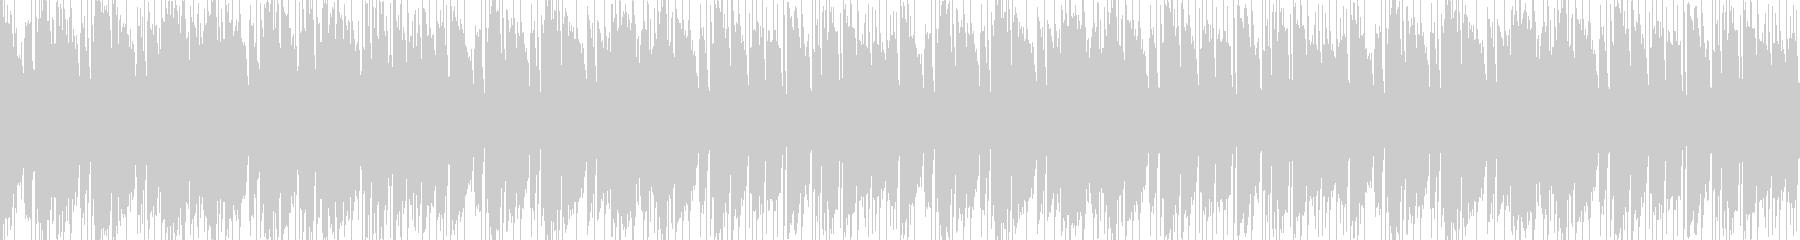 紅葉感ある和風バラード生演奏エレキギターの未再生の波形